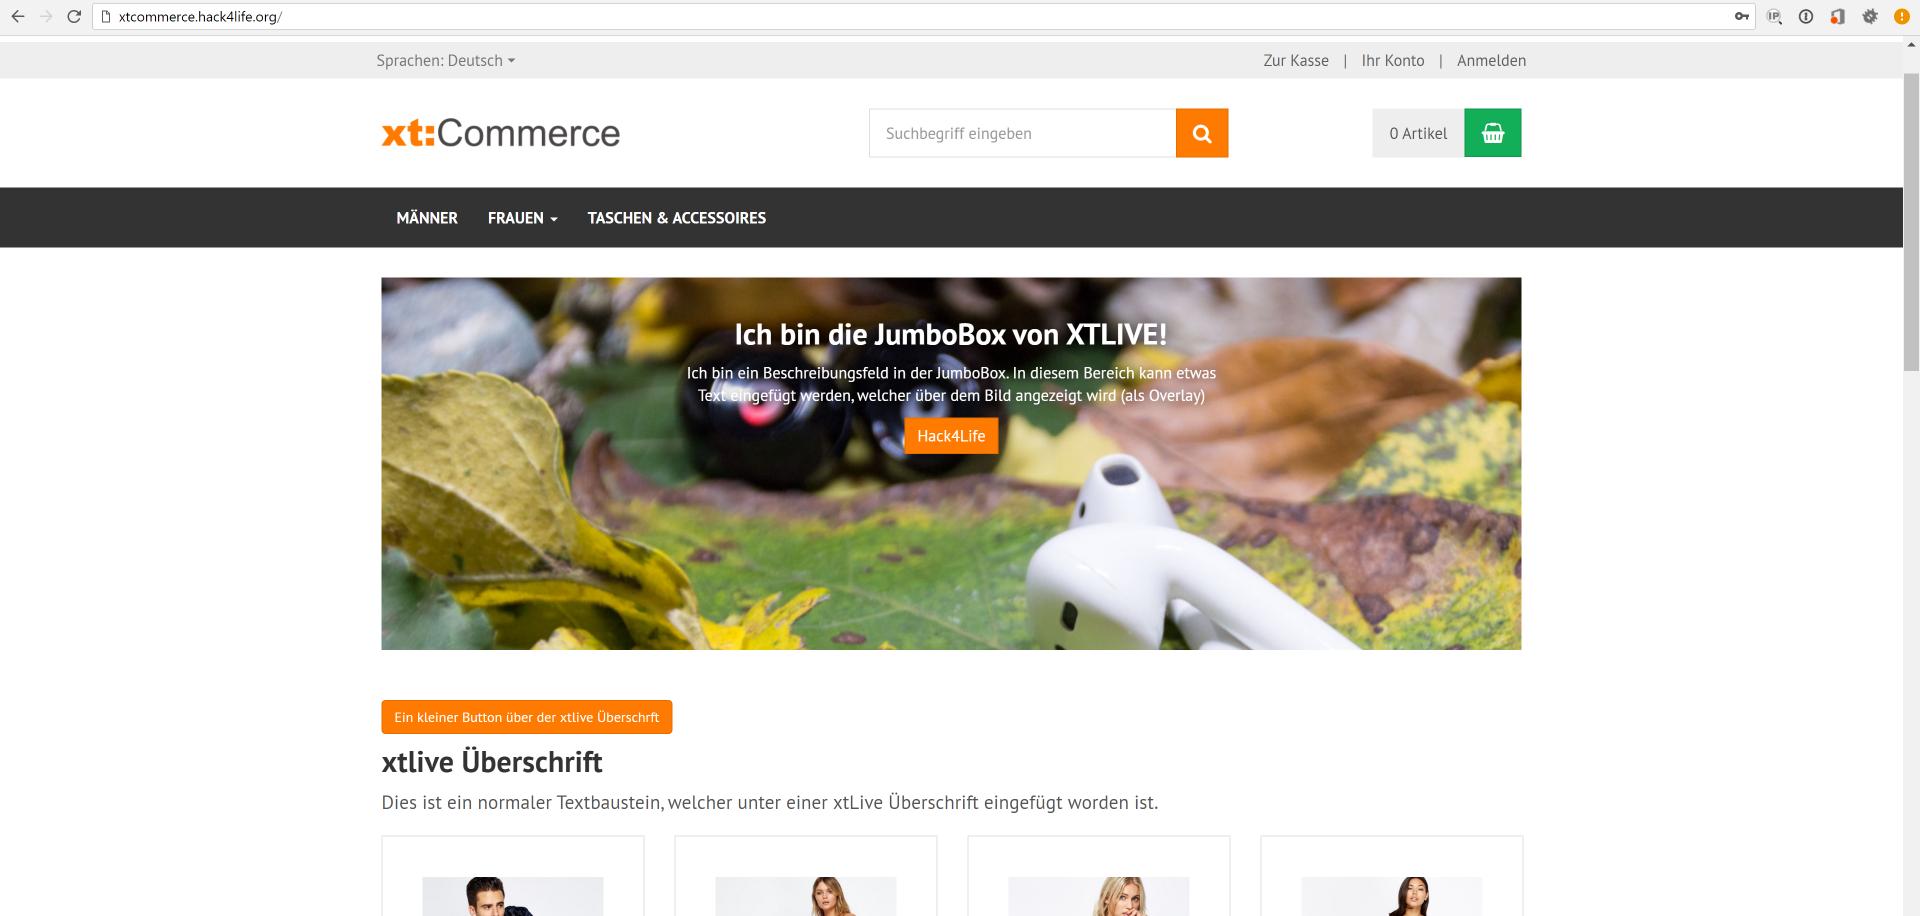 XTLive Jumbo Box im xt:commerce Shop, XTLive, Hack4Life, Fabian Geissler, Test, XeroGrafix, xgx